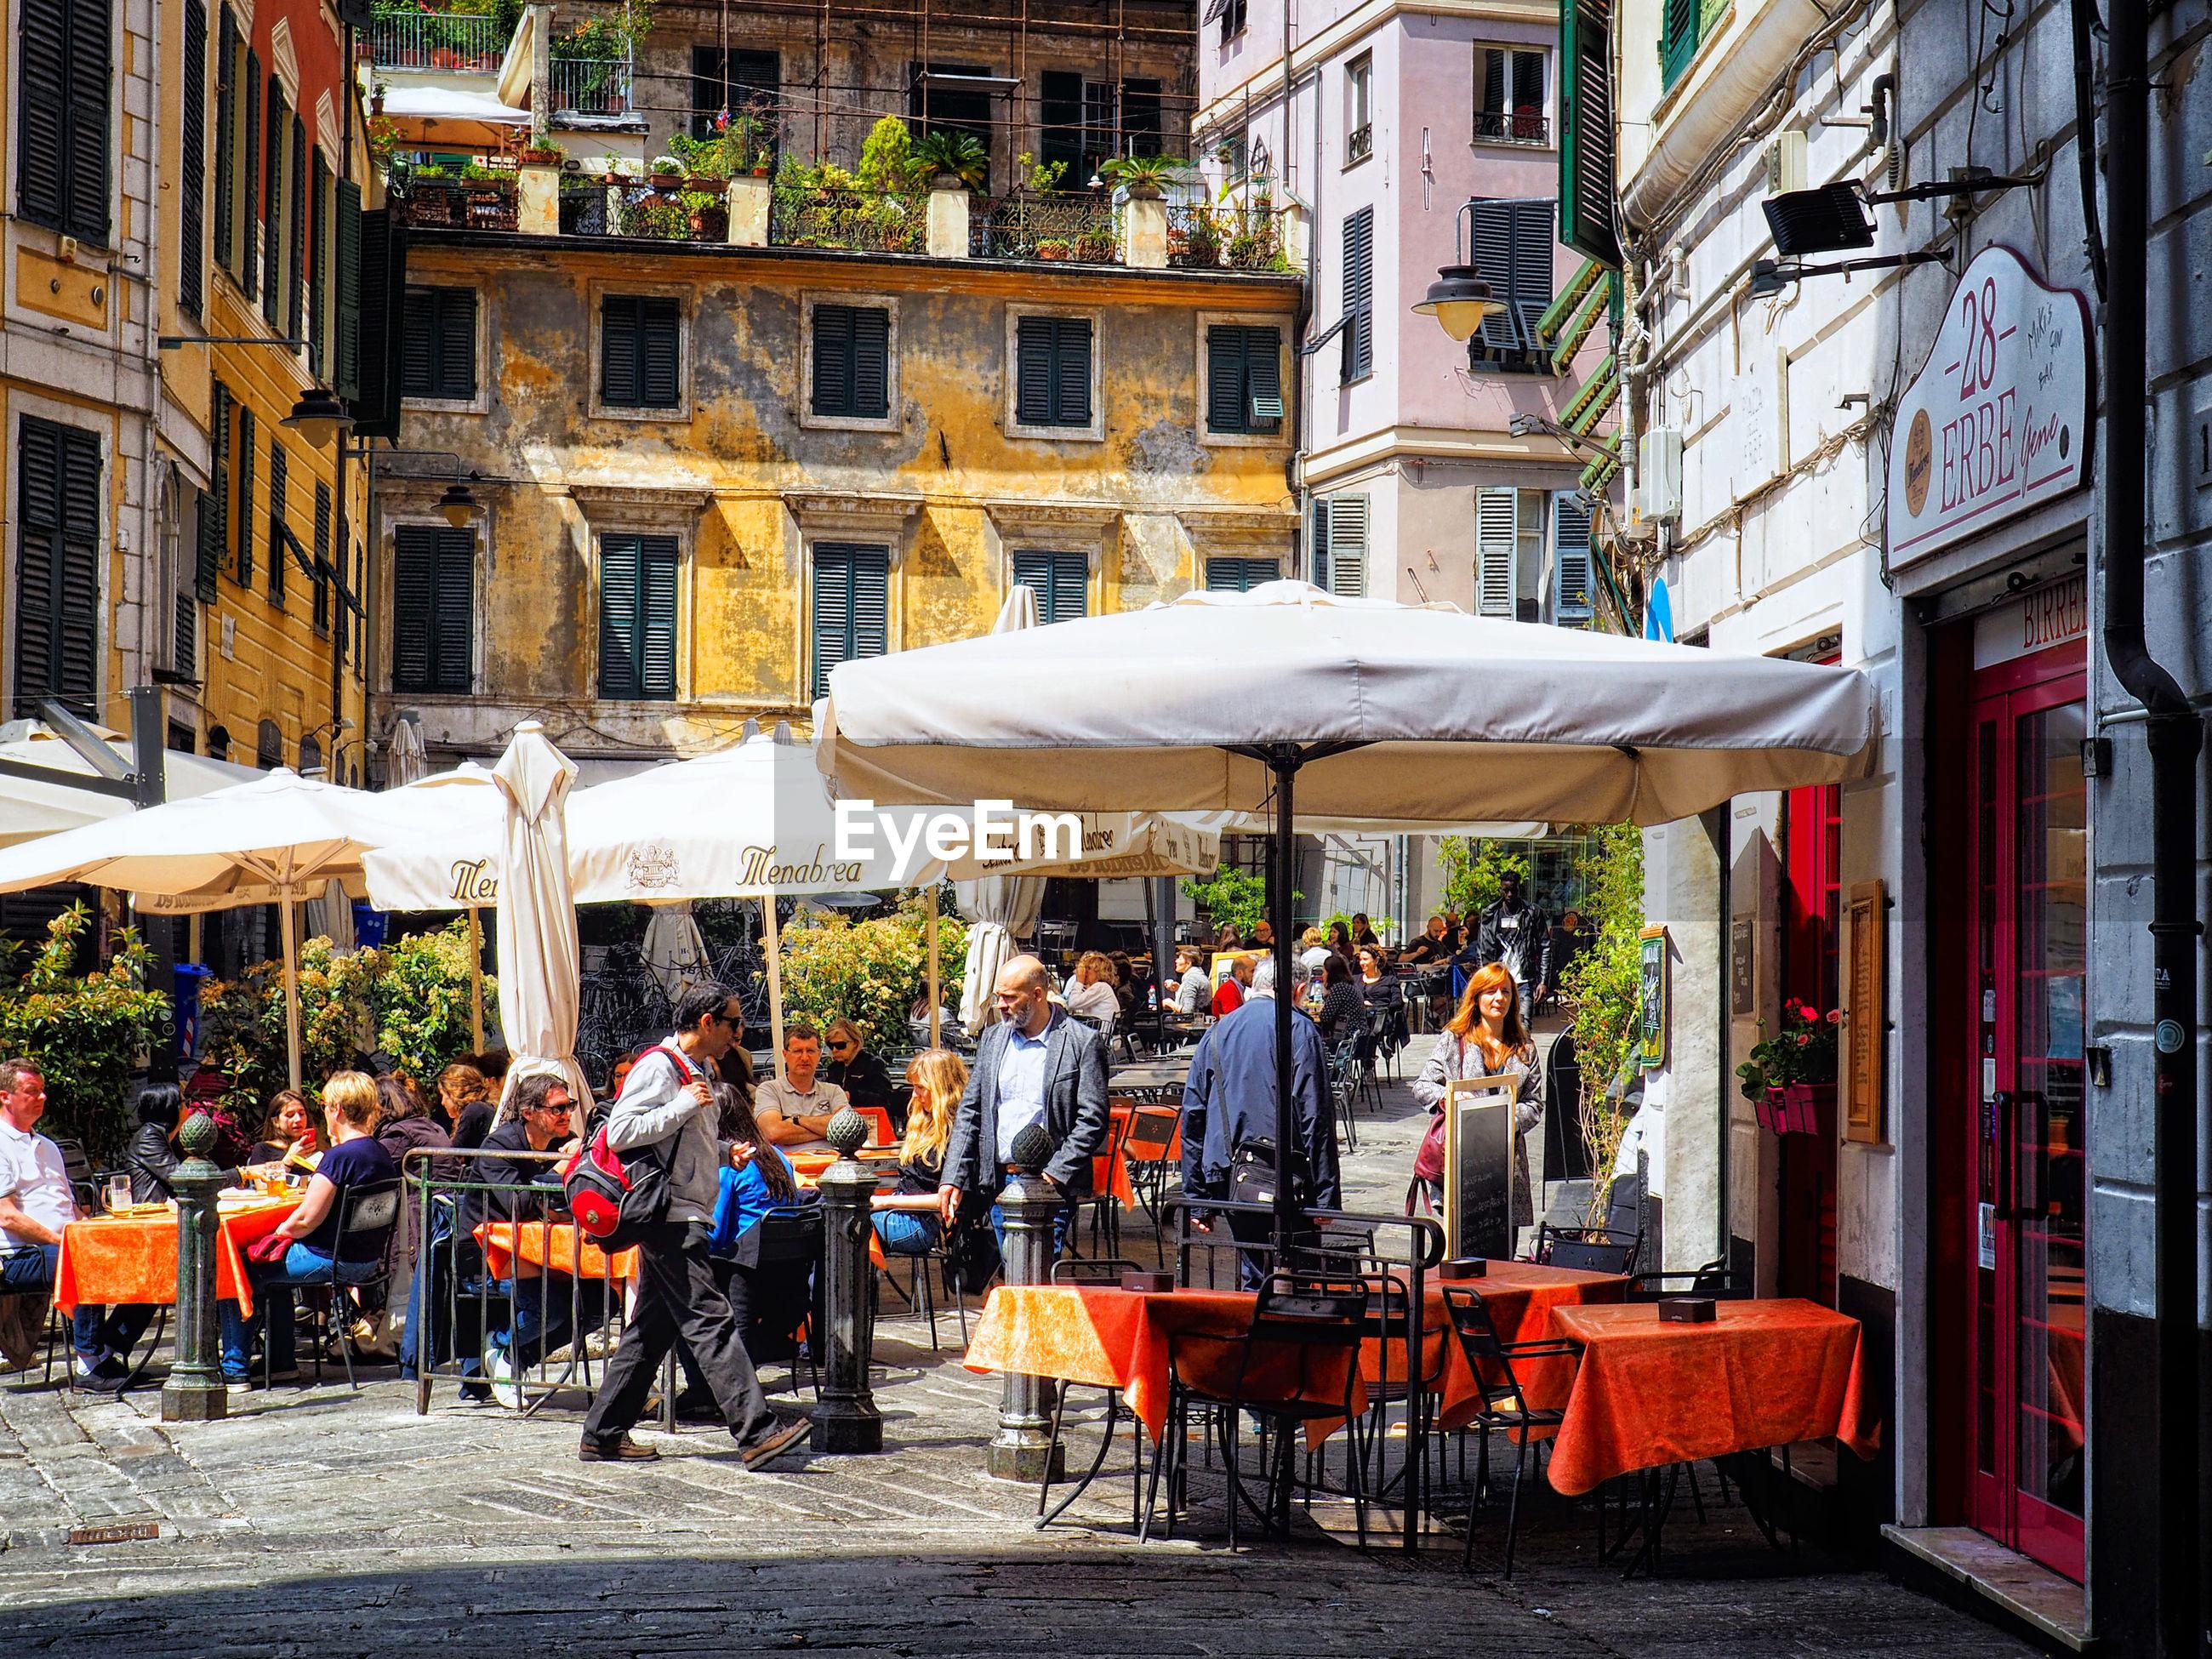 PEOPLE AT SIDEWALK CAFE BY BUILDINGS